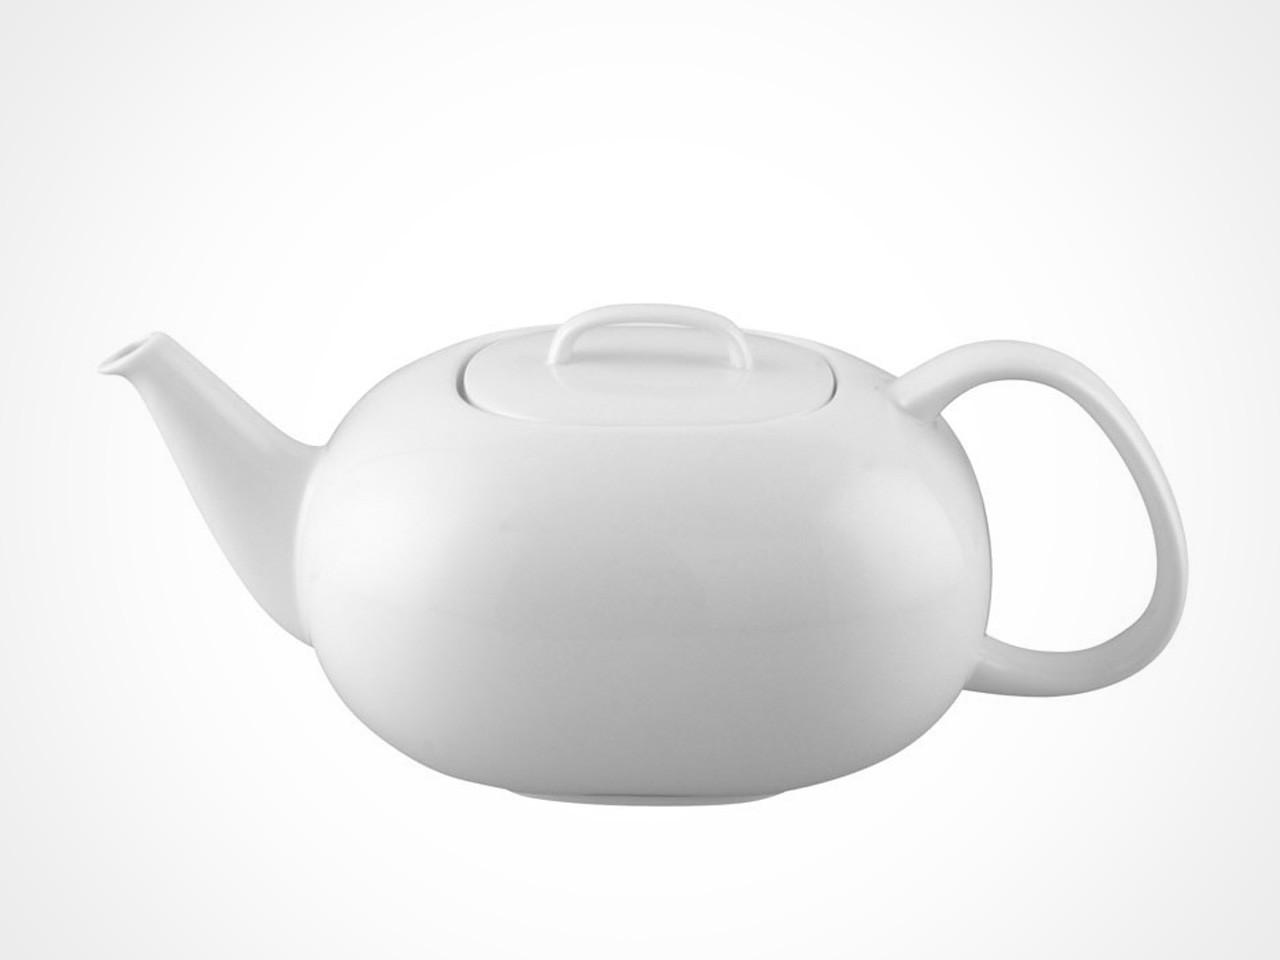 Rosenthal Moon White tea pot on white background.